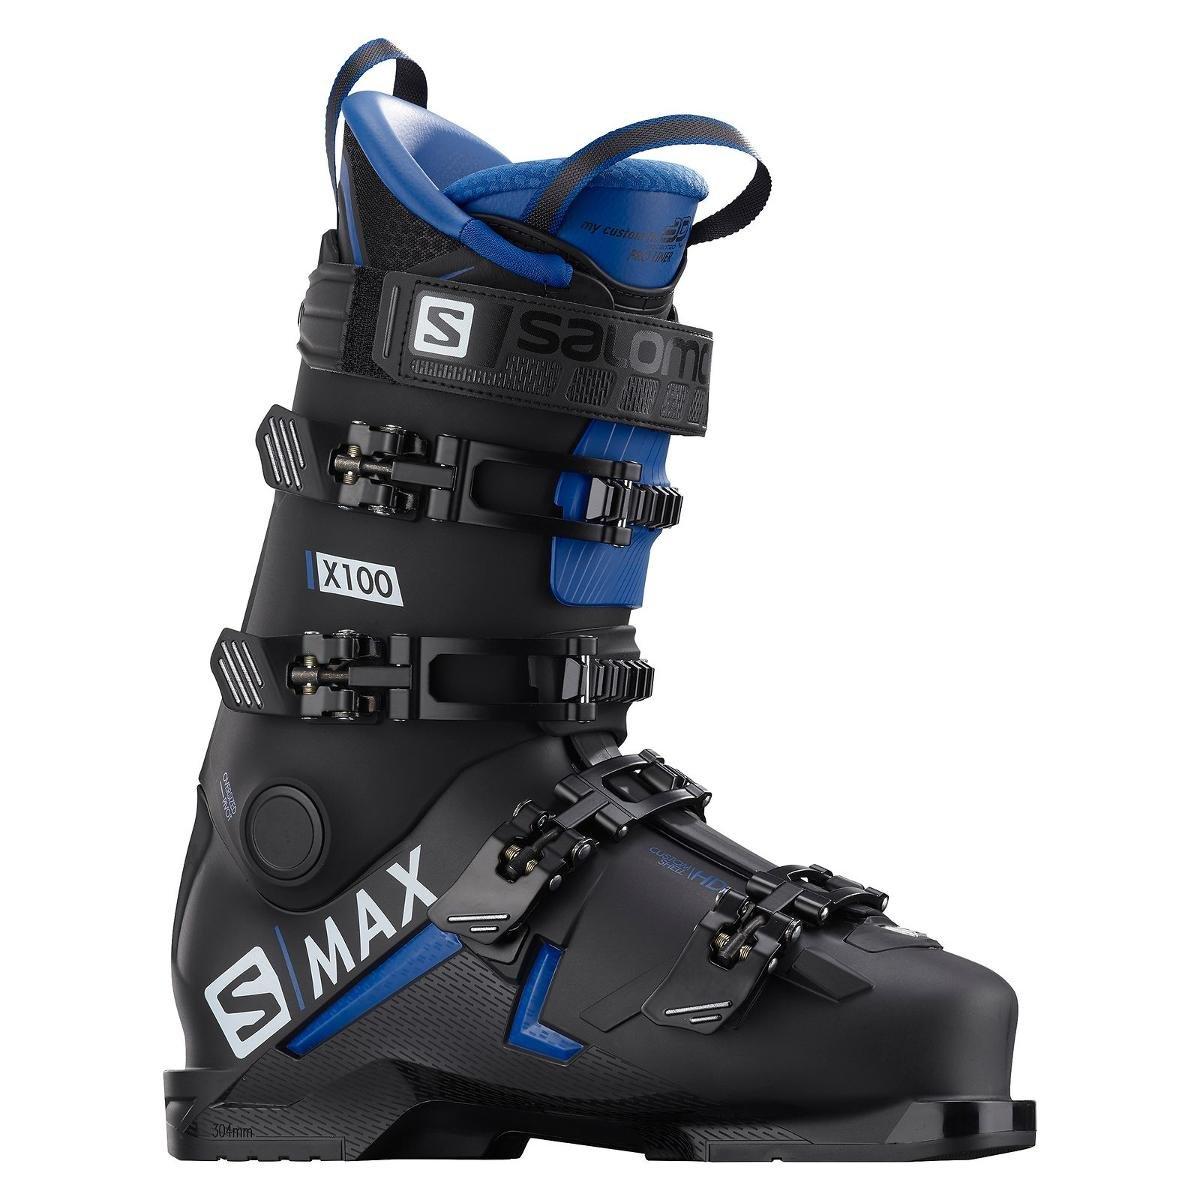 Salomon Buty Narciarskie S Max X100 Czarny Rozmiar 27 1 2 Salomon Sport Sklep Empik Com